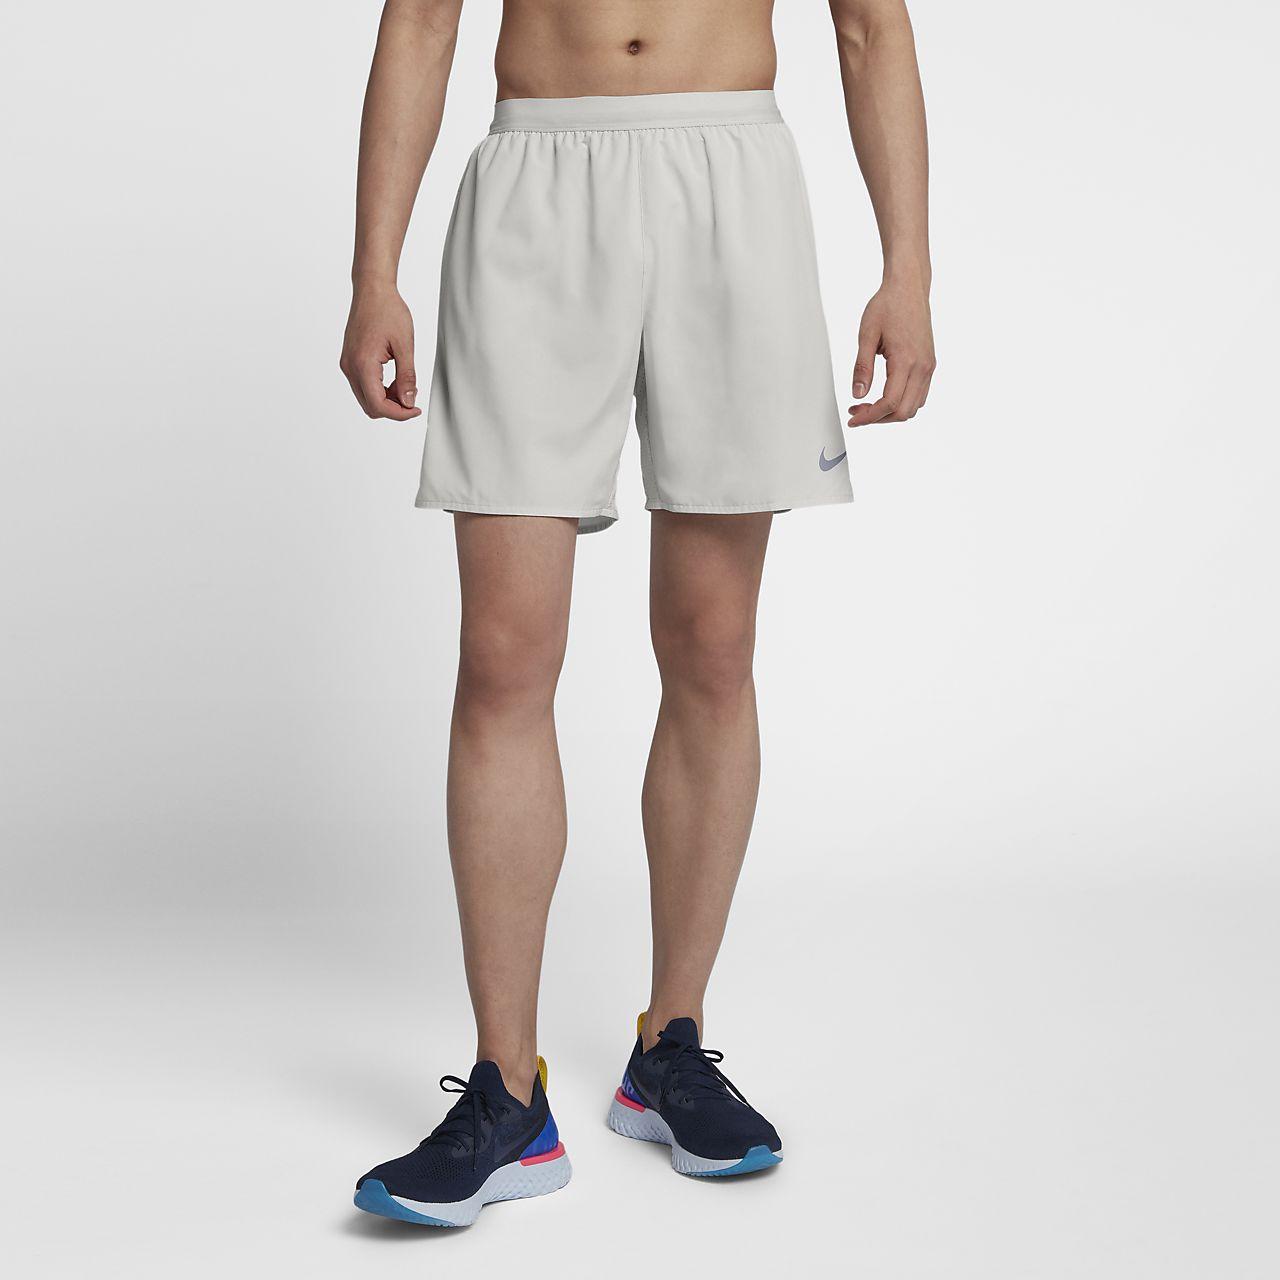 Calções de running forrados de 18 cm Nike Flex Stride para homem